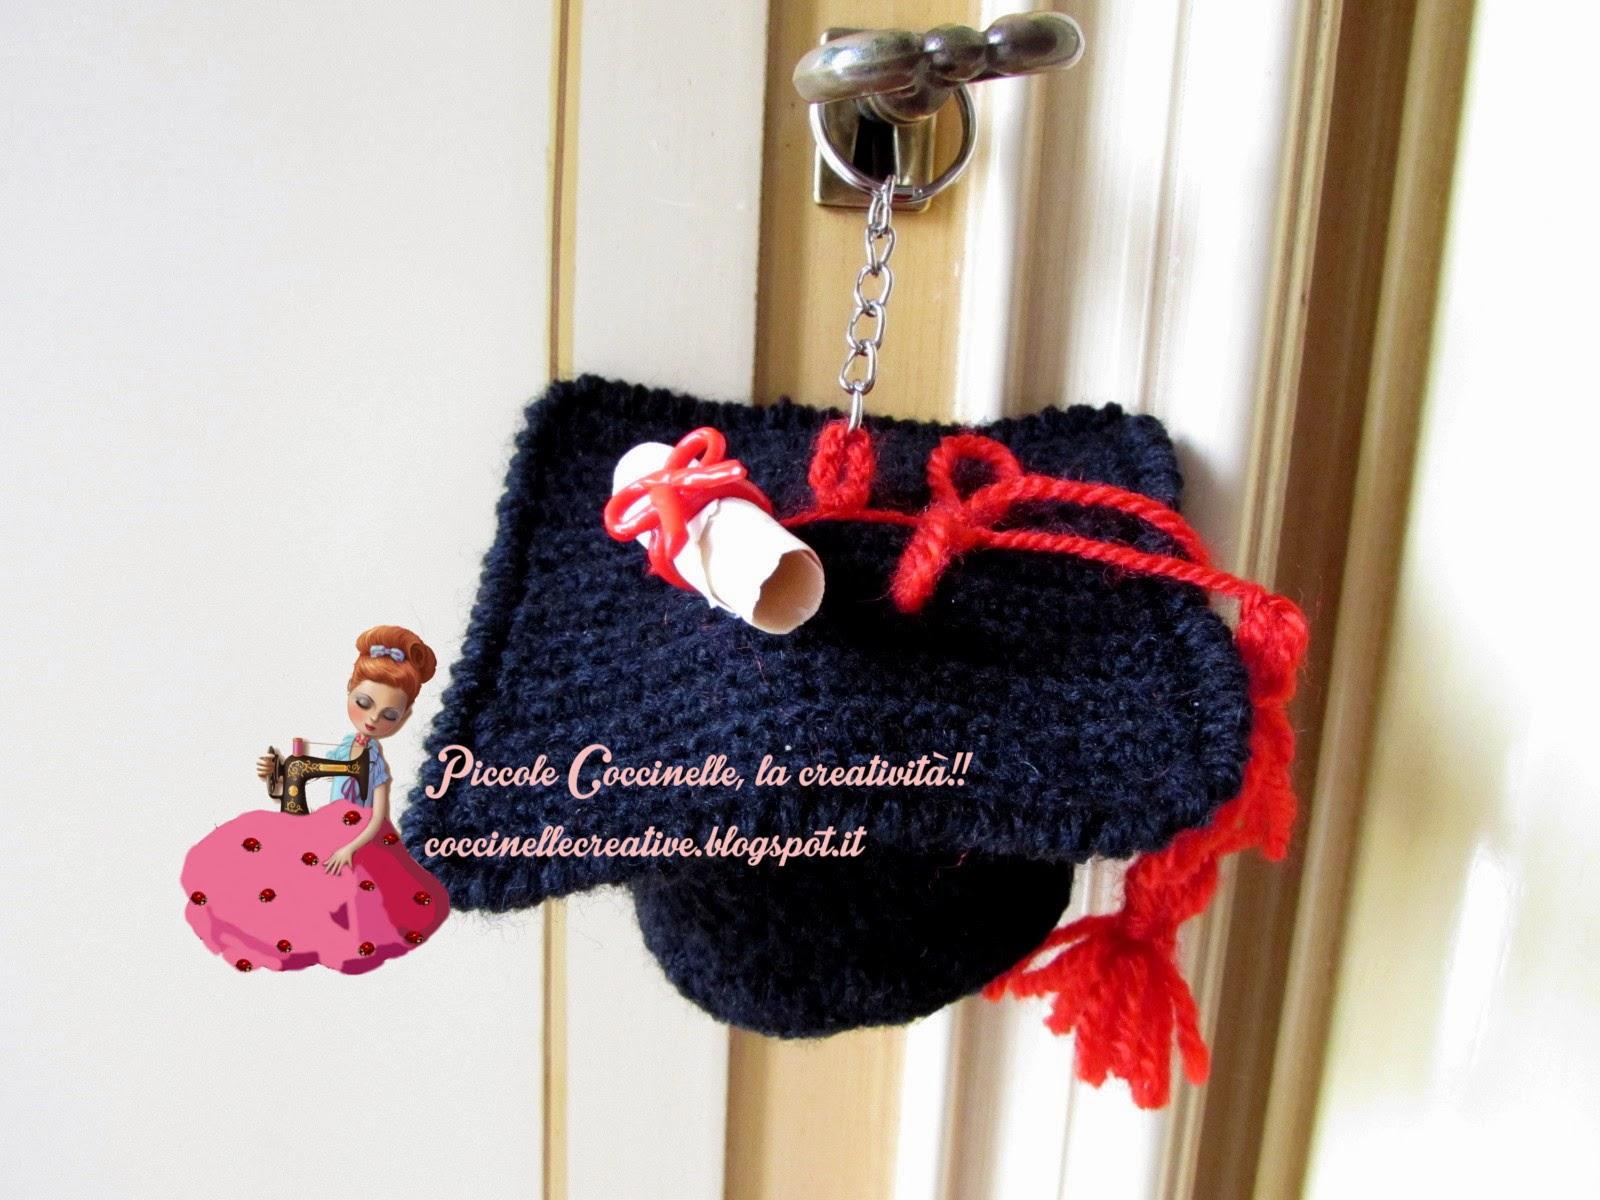 Piccole Coccinelle, La Creatività !! : Cappello Laurea Per